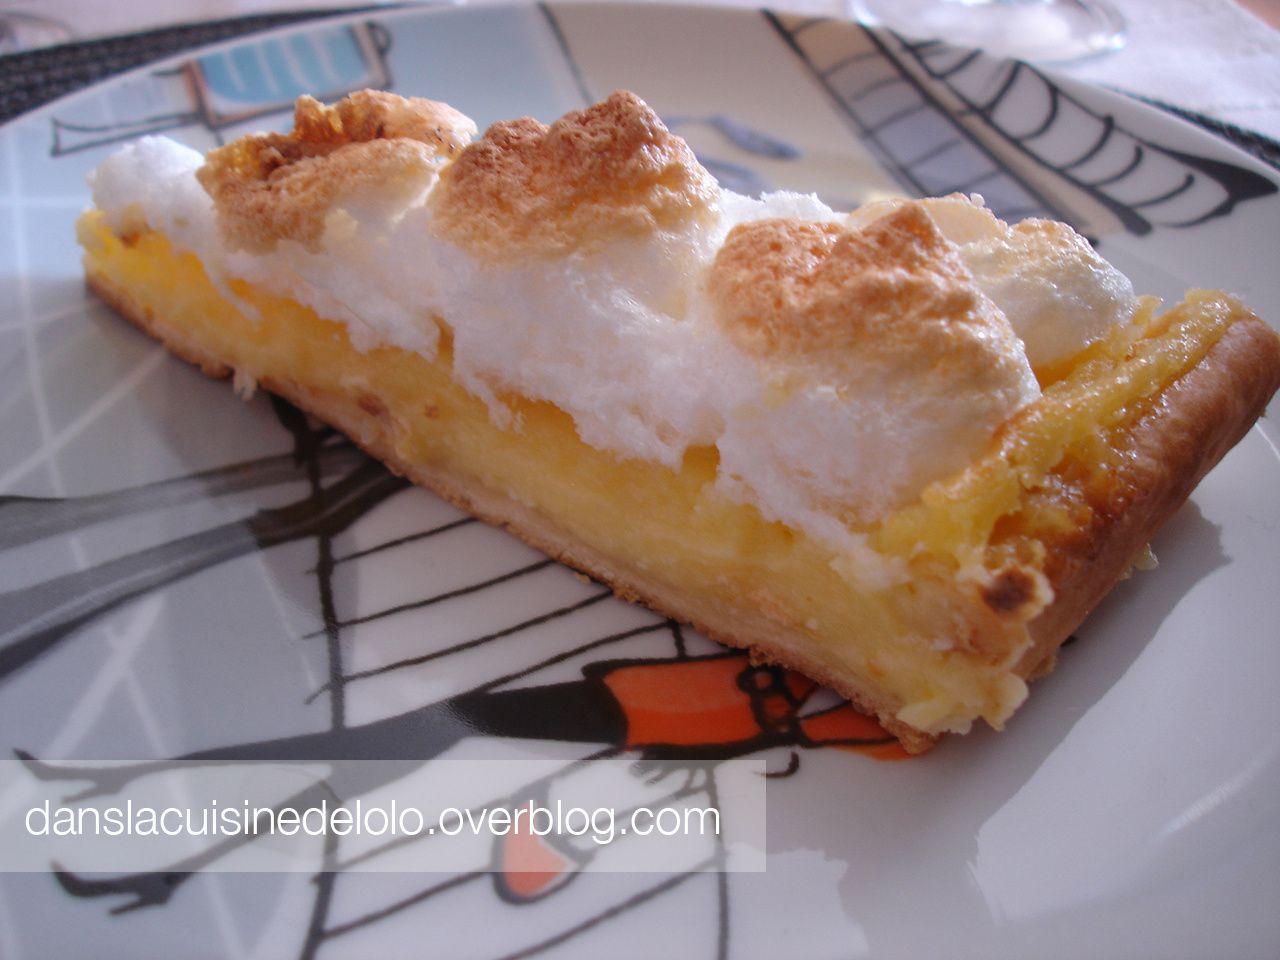 Tarte au citron meringu e dans la cuisine de lolo - Herve cuisine tarte citron ...